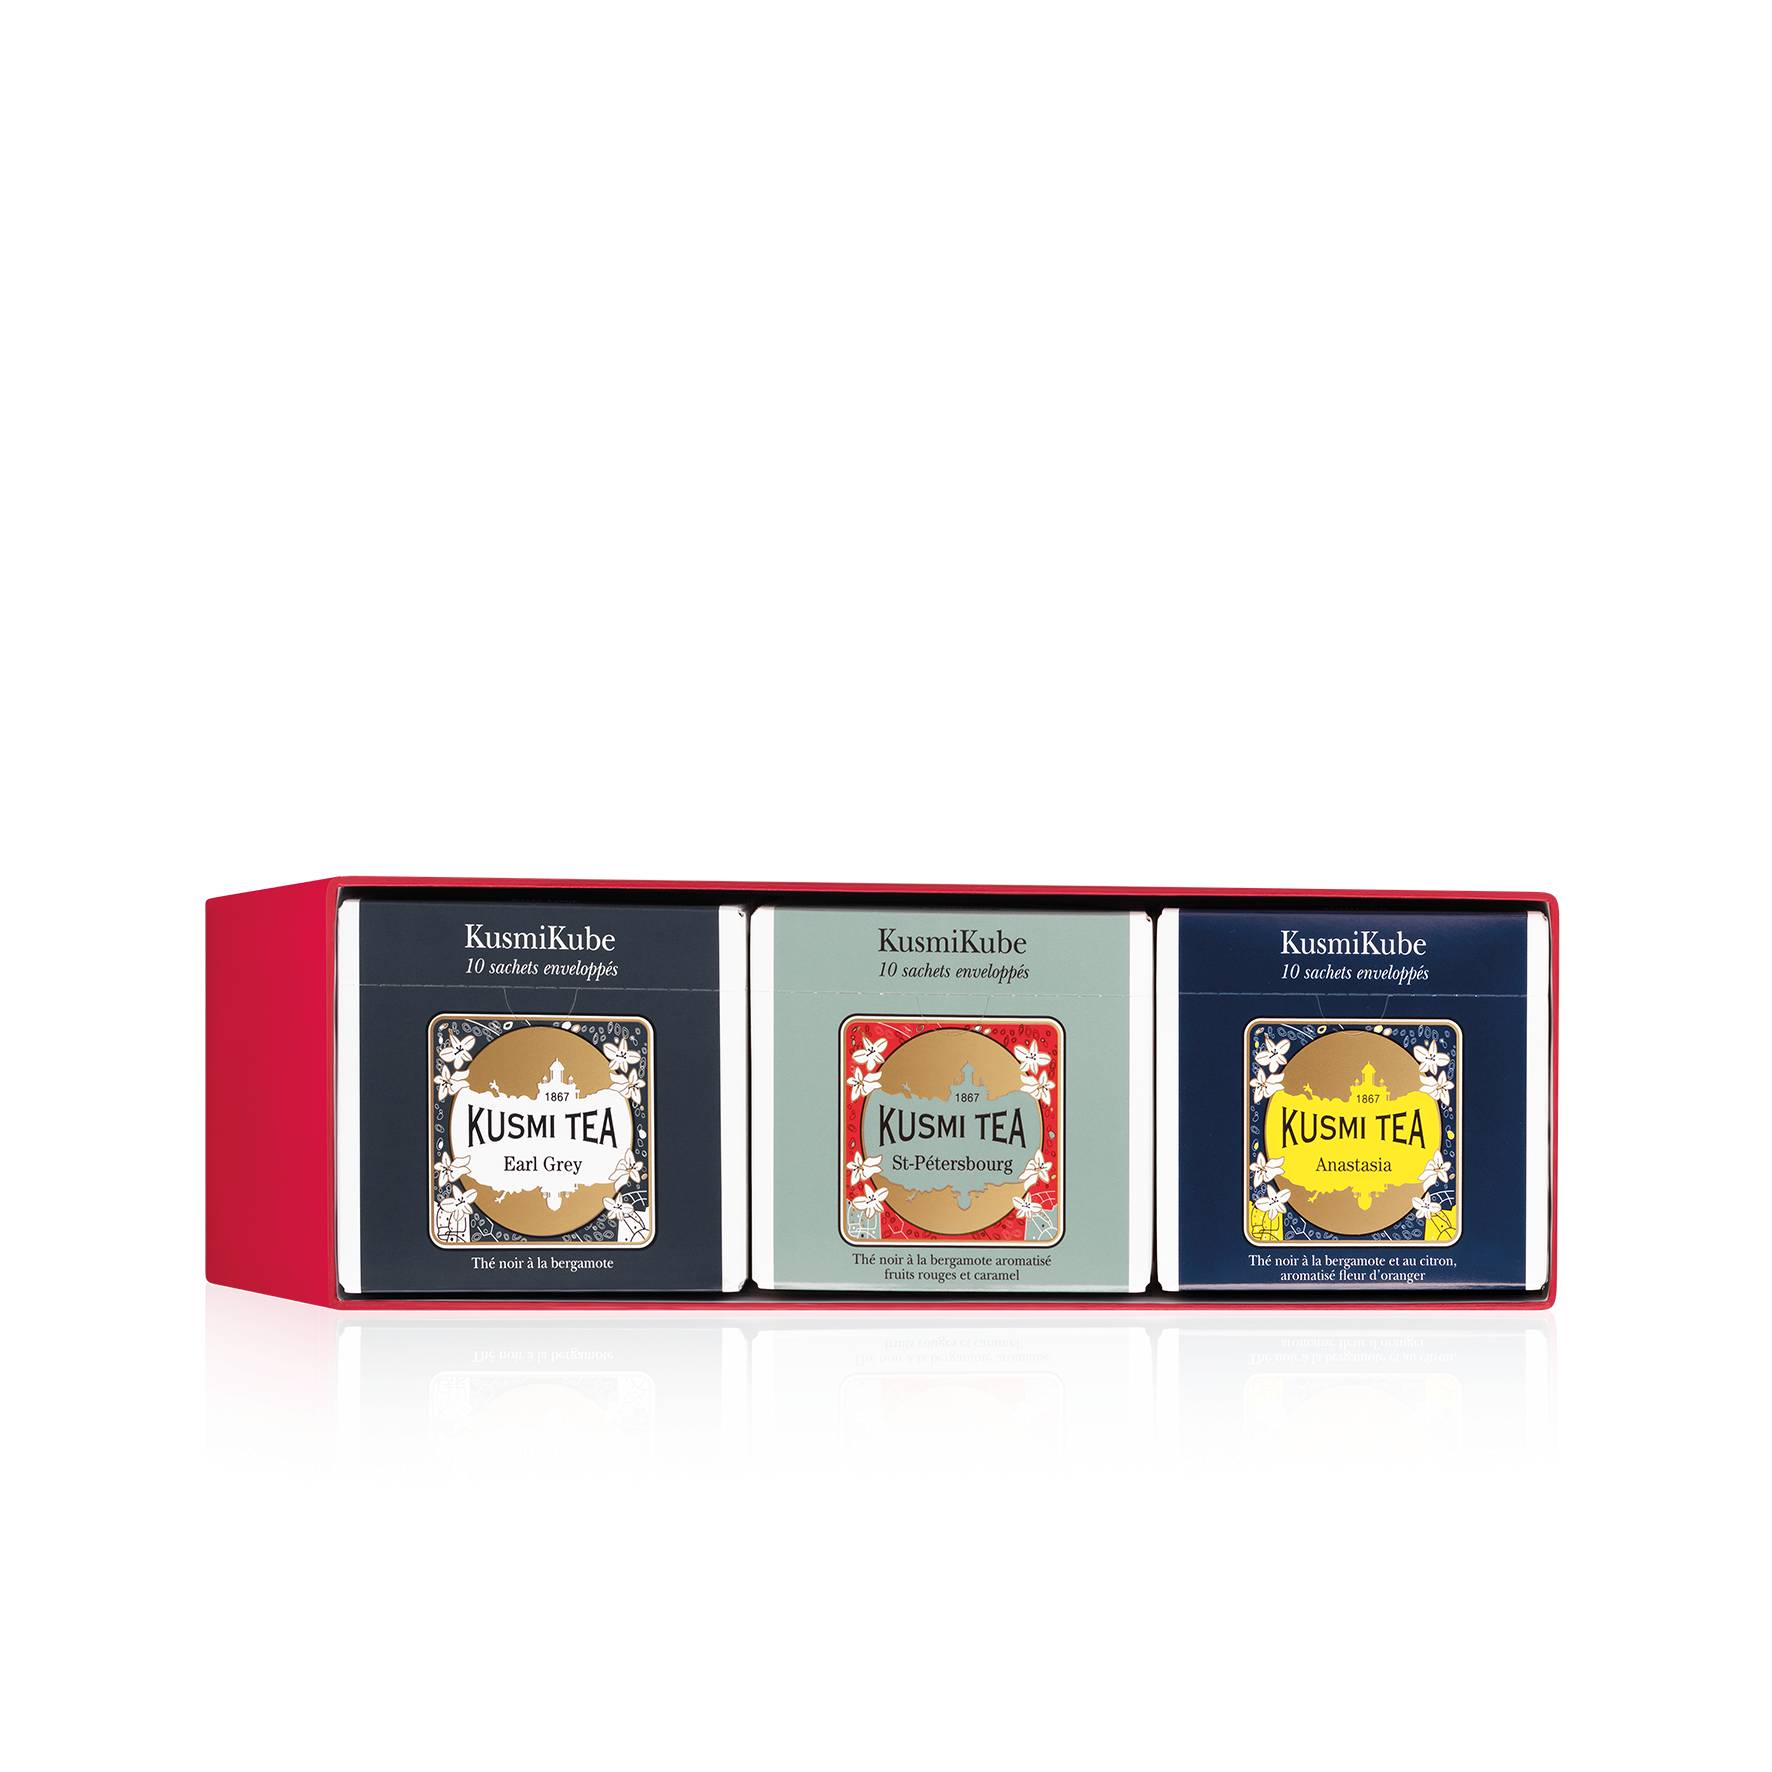 KUSMI TEA Coffret 3 KusmiKubes - Votre coffret de 3 KusmiKubes (30 sachets) à 2.2€ - Kusmi Tea